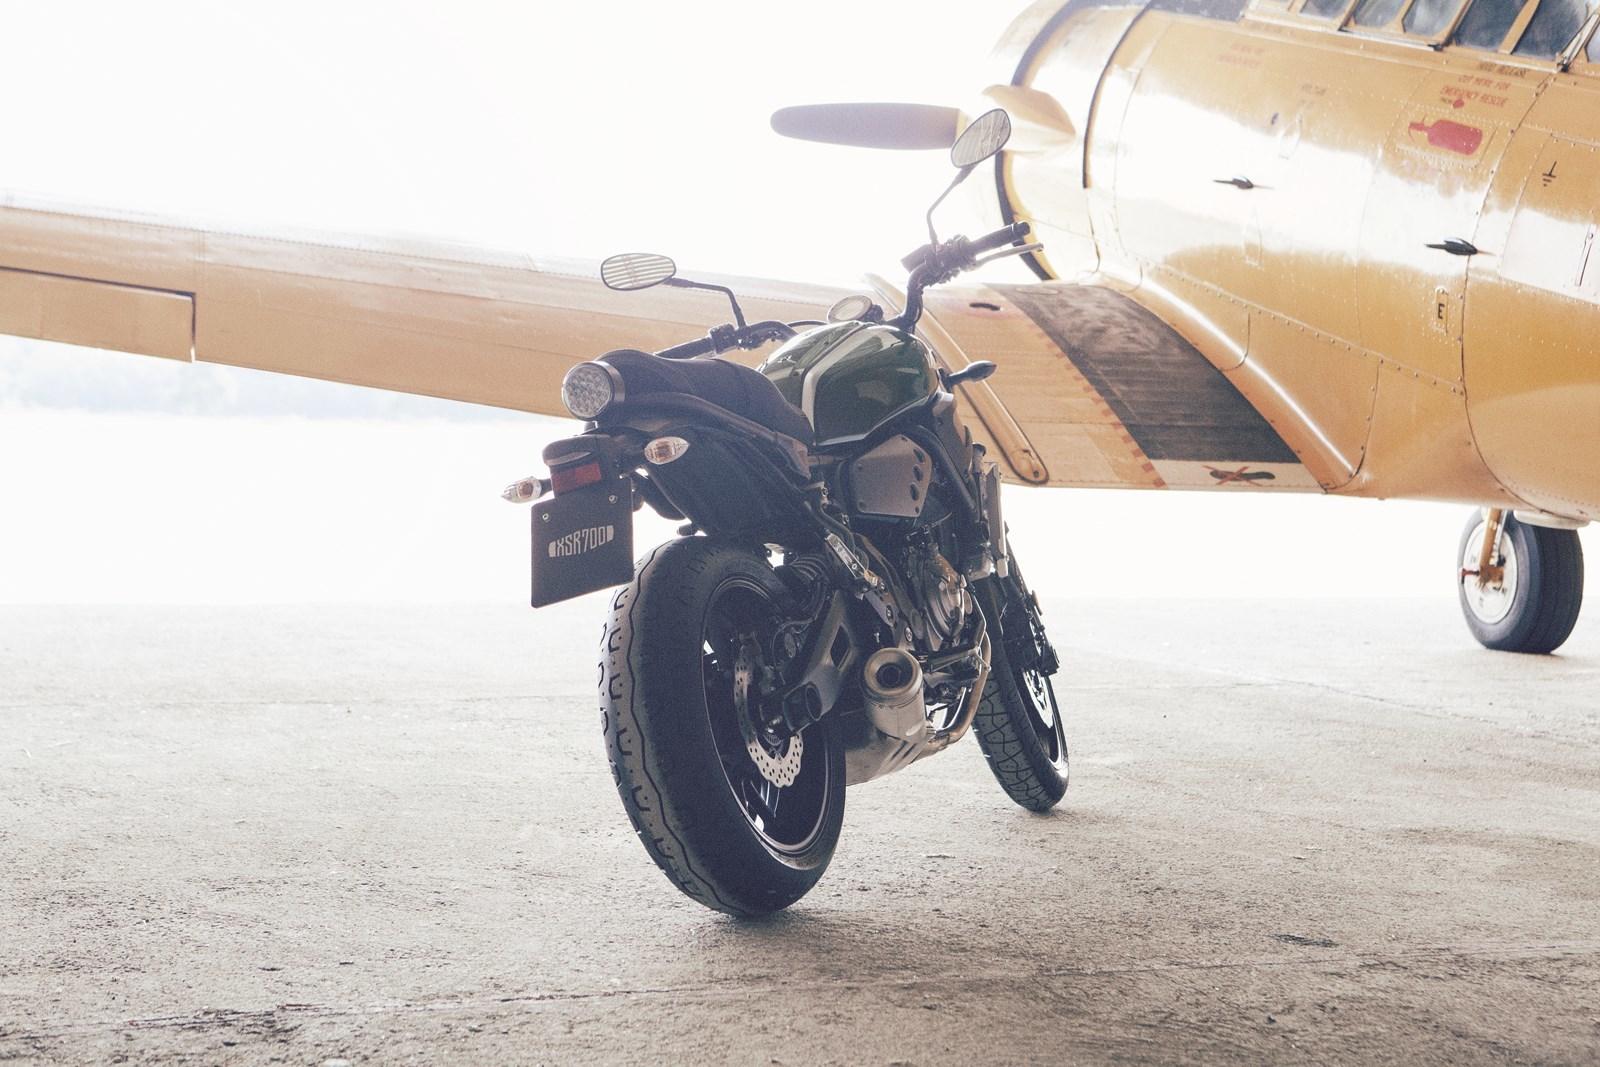 Foto de Yamaha XSR700 en acción y detalles (12/41)